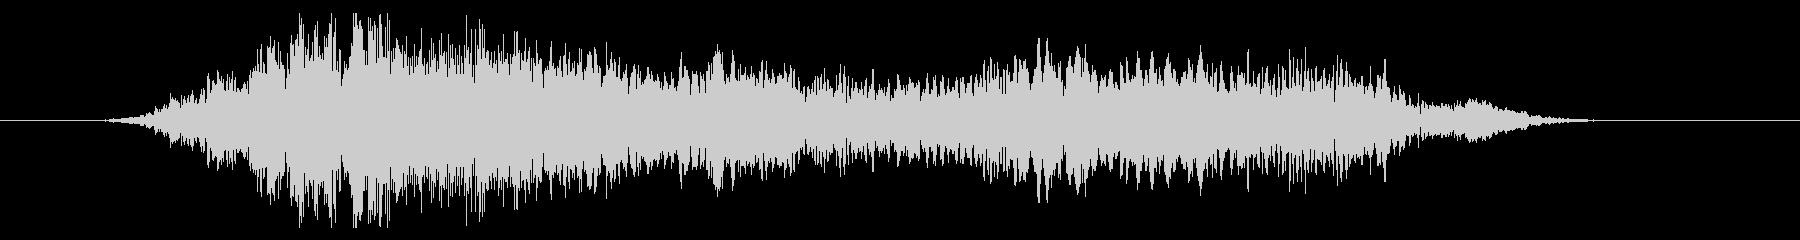 群集 応援ハッピーショート01の未再生の波形